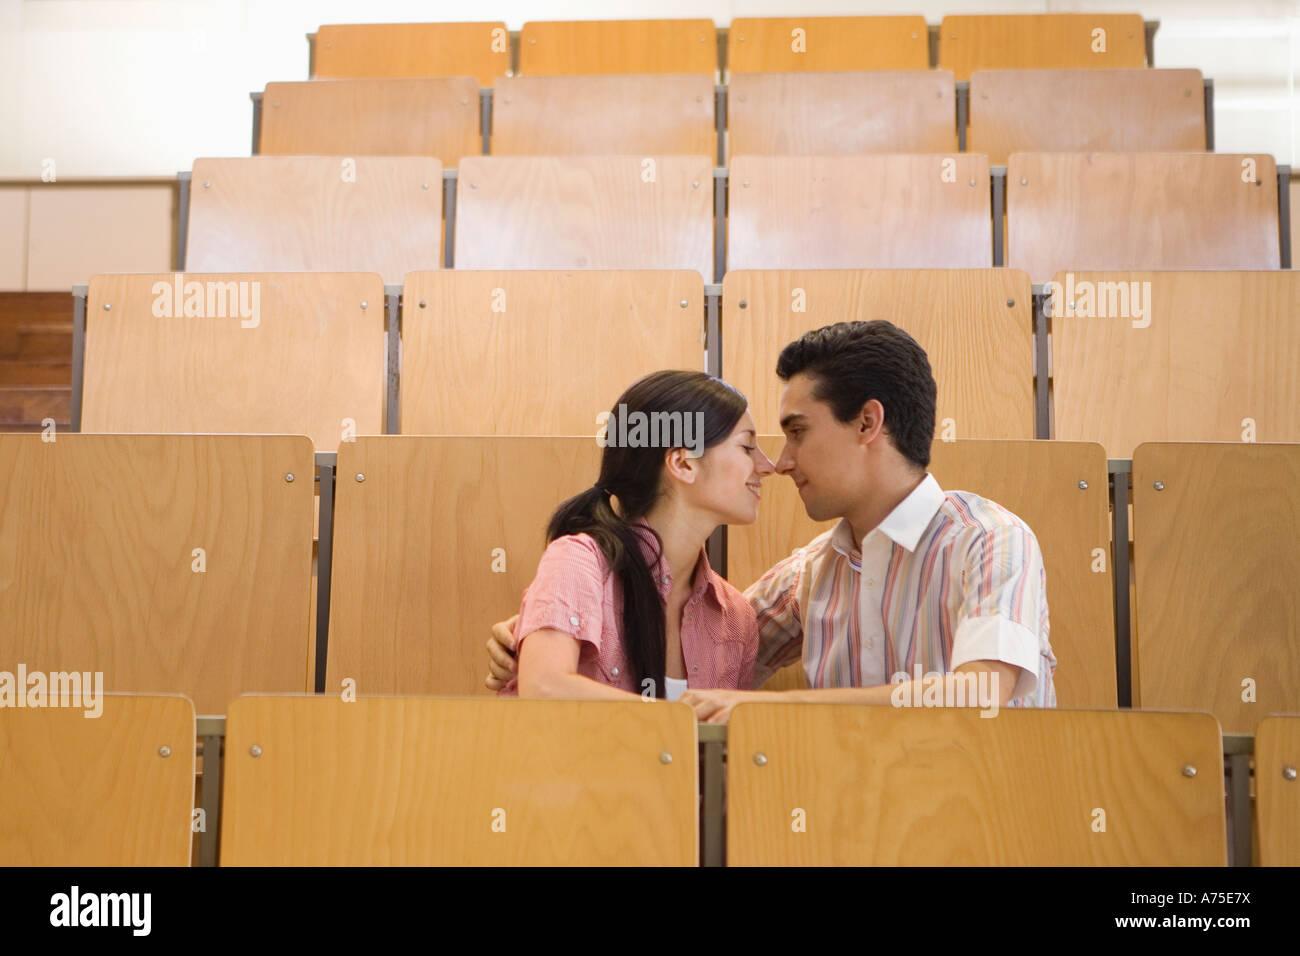 Los estudiantes besándose en aula vacía Imagen De Stock